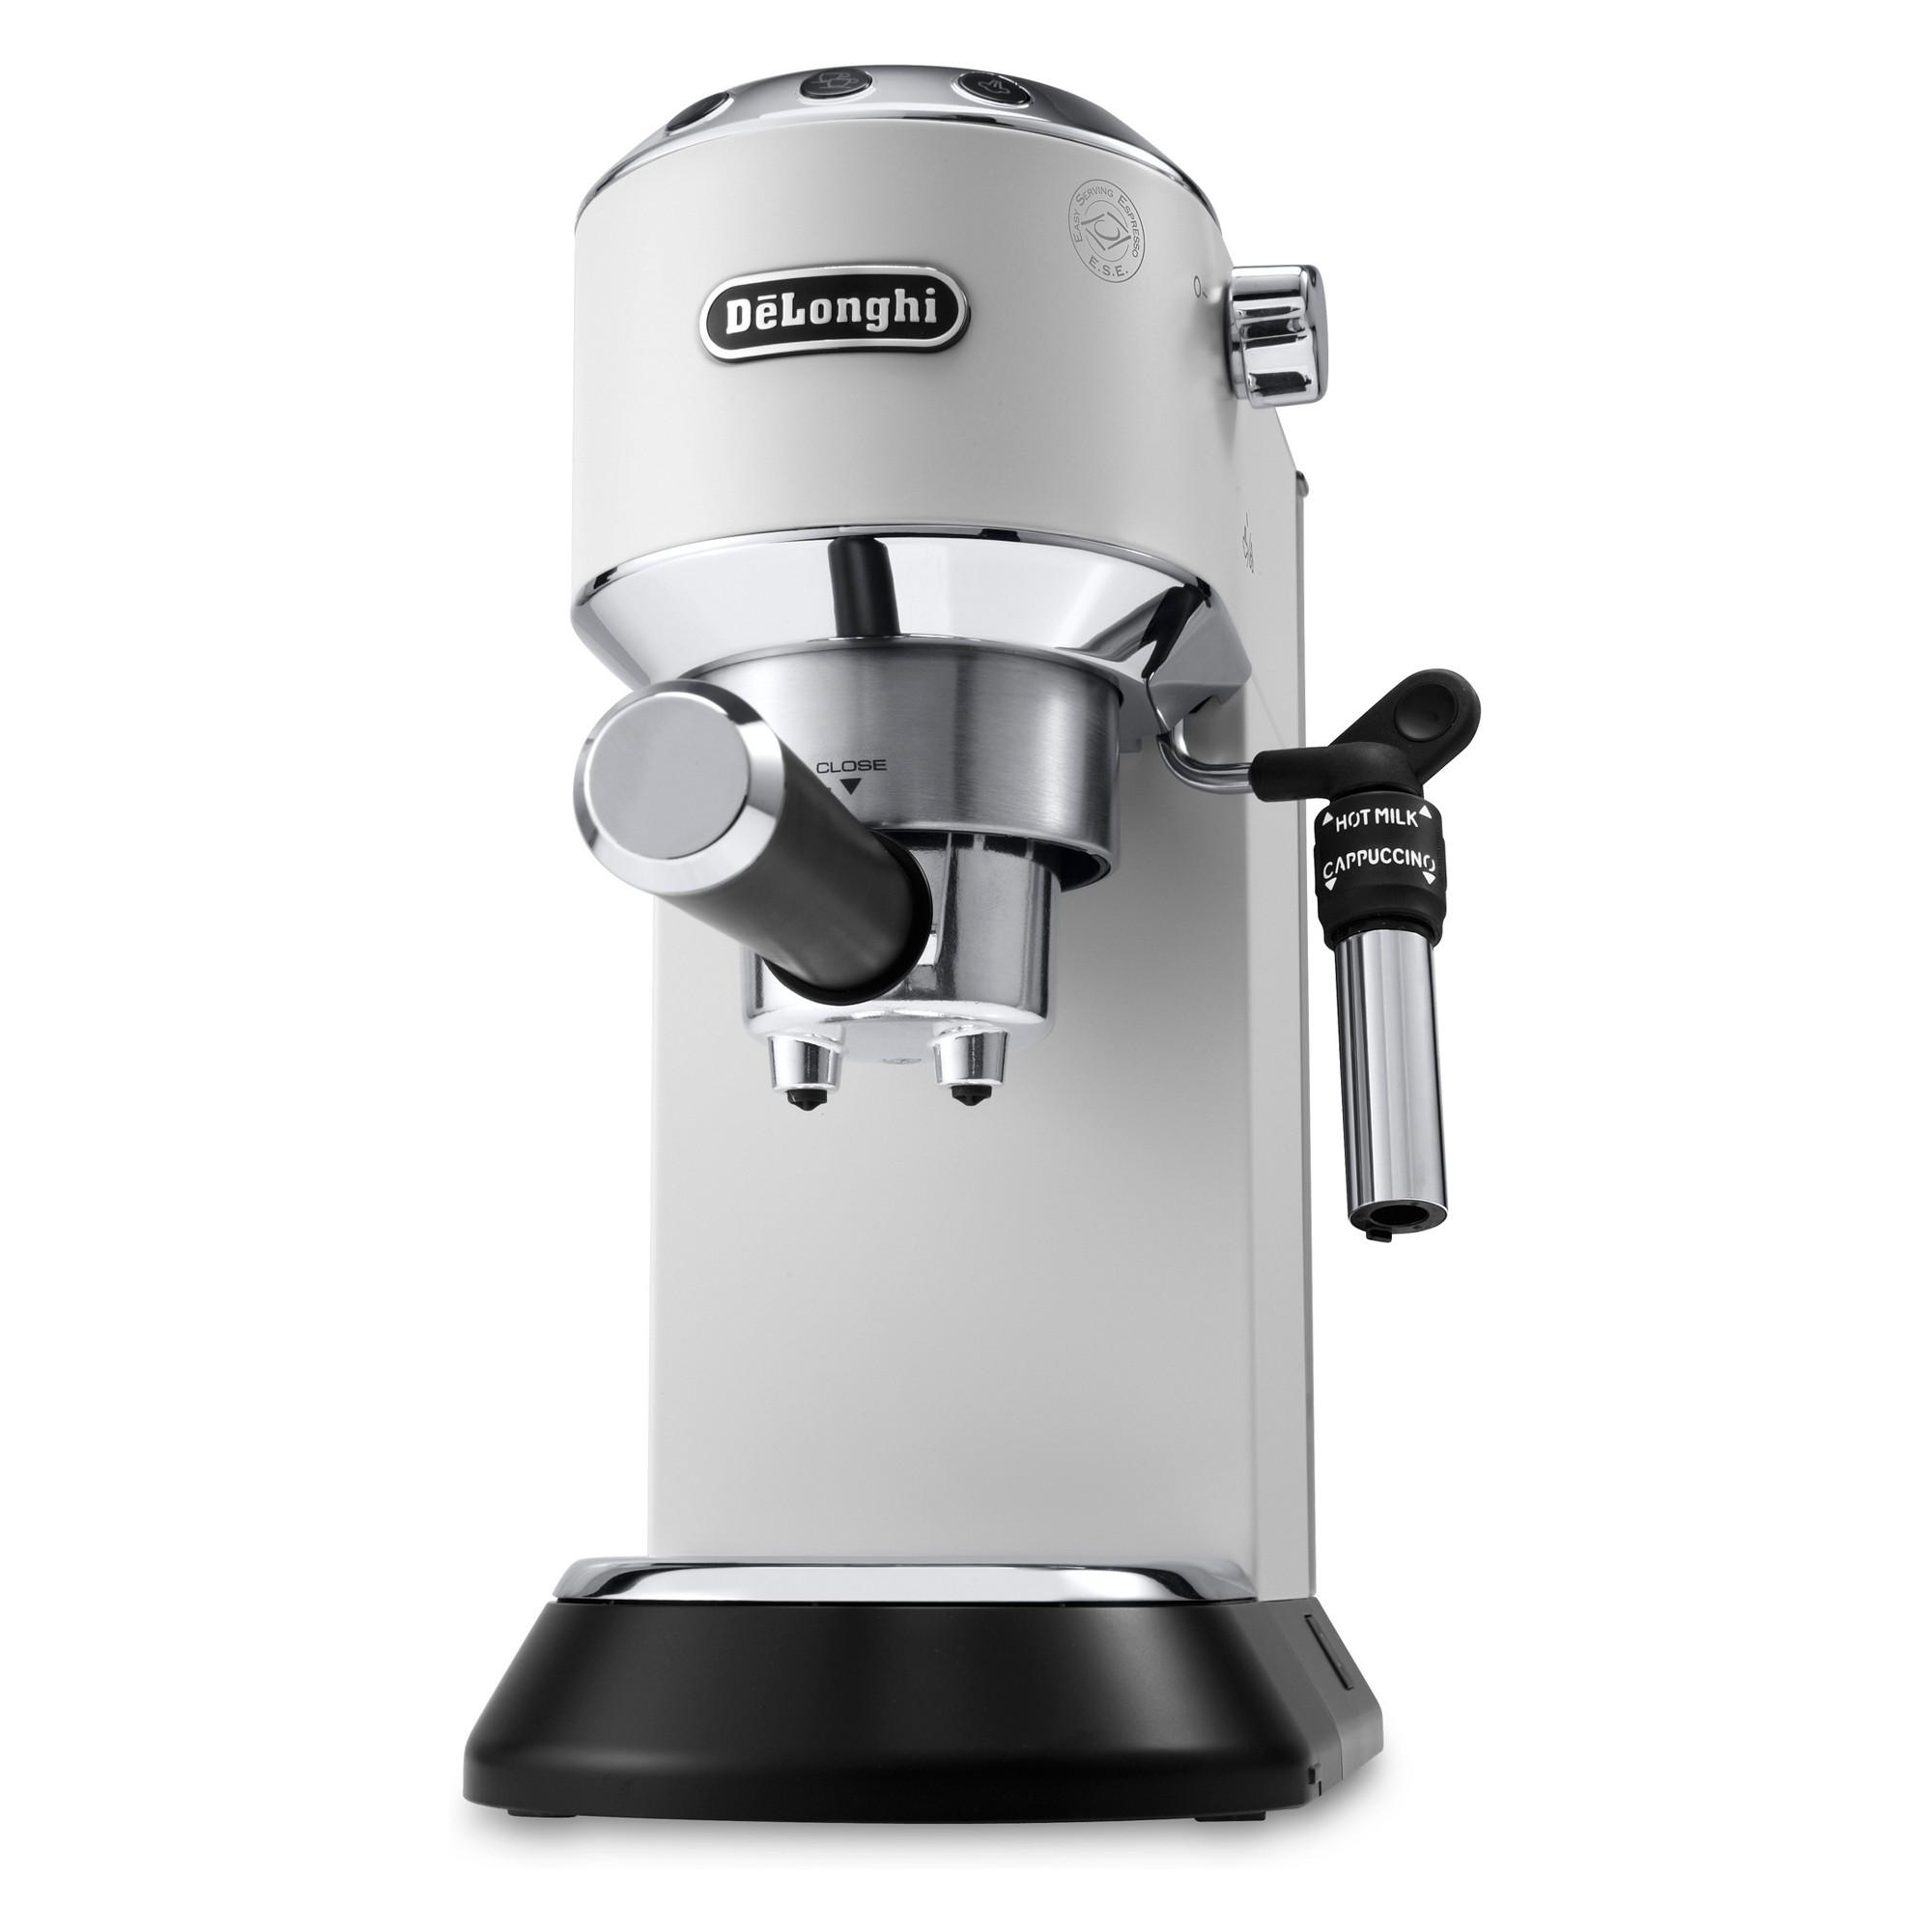 De'Longhi Dedica Deluxe Pump Espresso Machine White